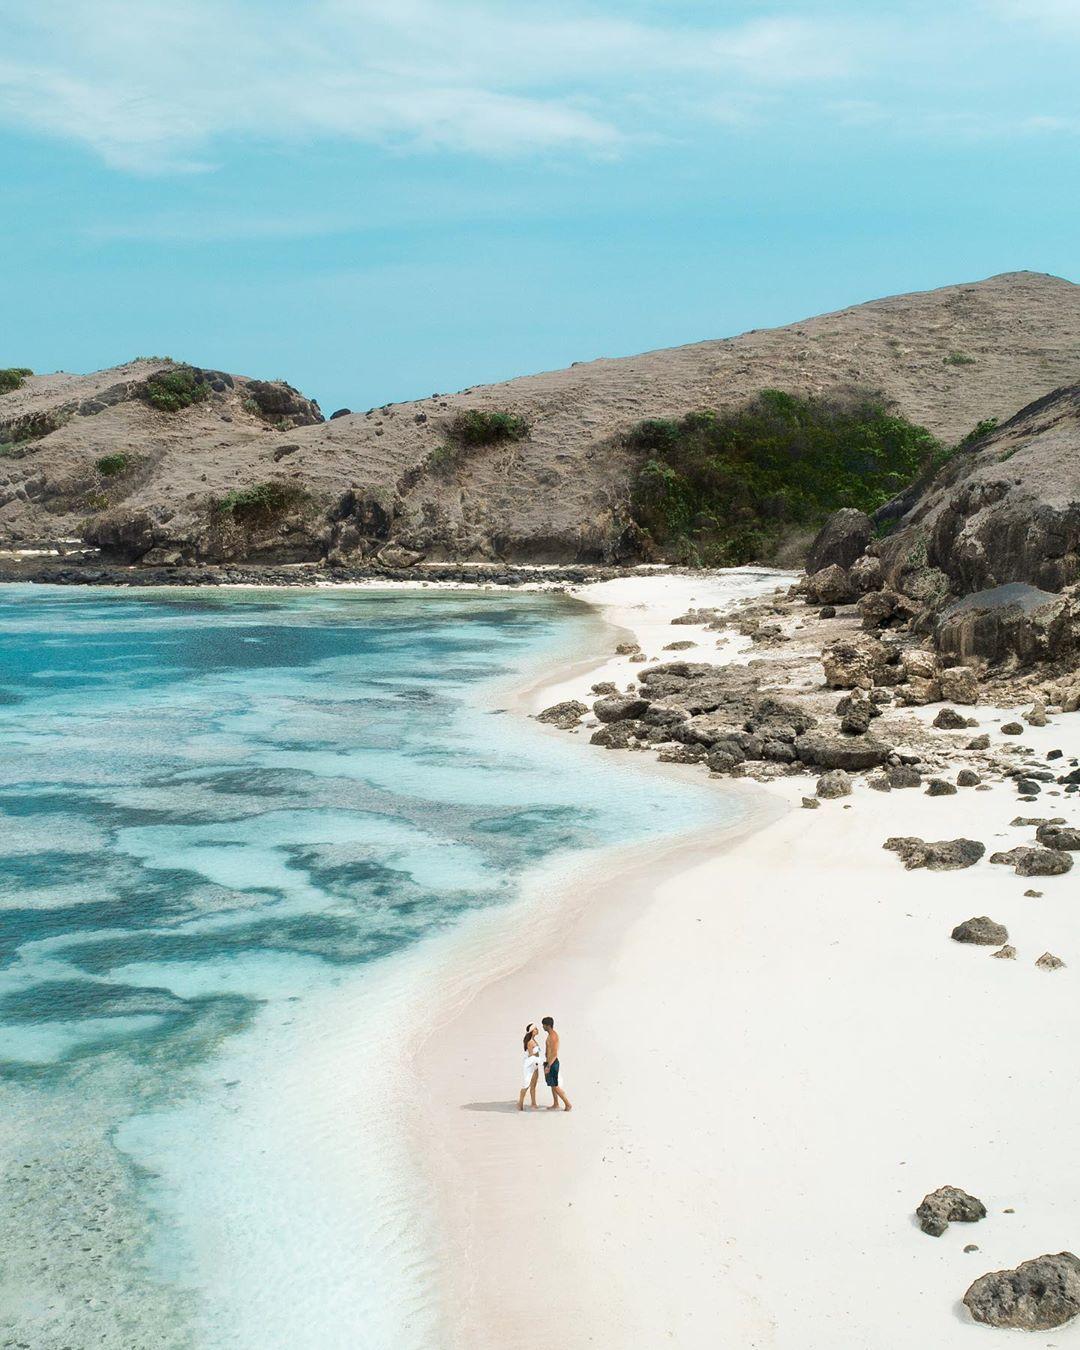 Rekomendasi Wisata di Lombok, Dijamin Kamu Bakal Pengen Balik Lagi